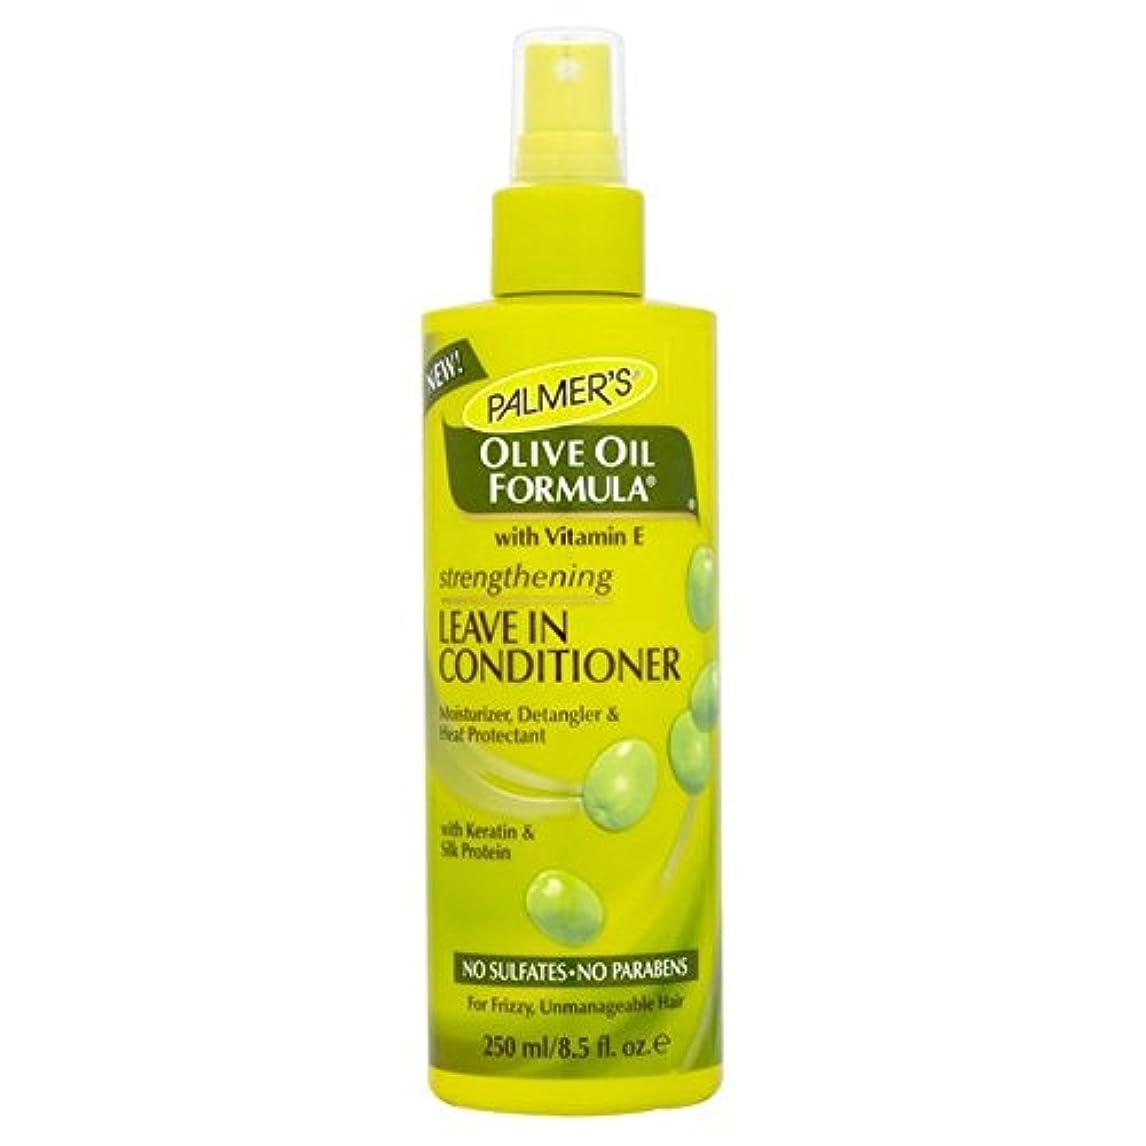 スタジオ人口複合Palmer's Olive Oil Formula Strengthening Leave-in Conditioner 250ml (Pack of 6) - リーブインコンディショナー250を強化パーマーのオリーブオイル...